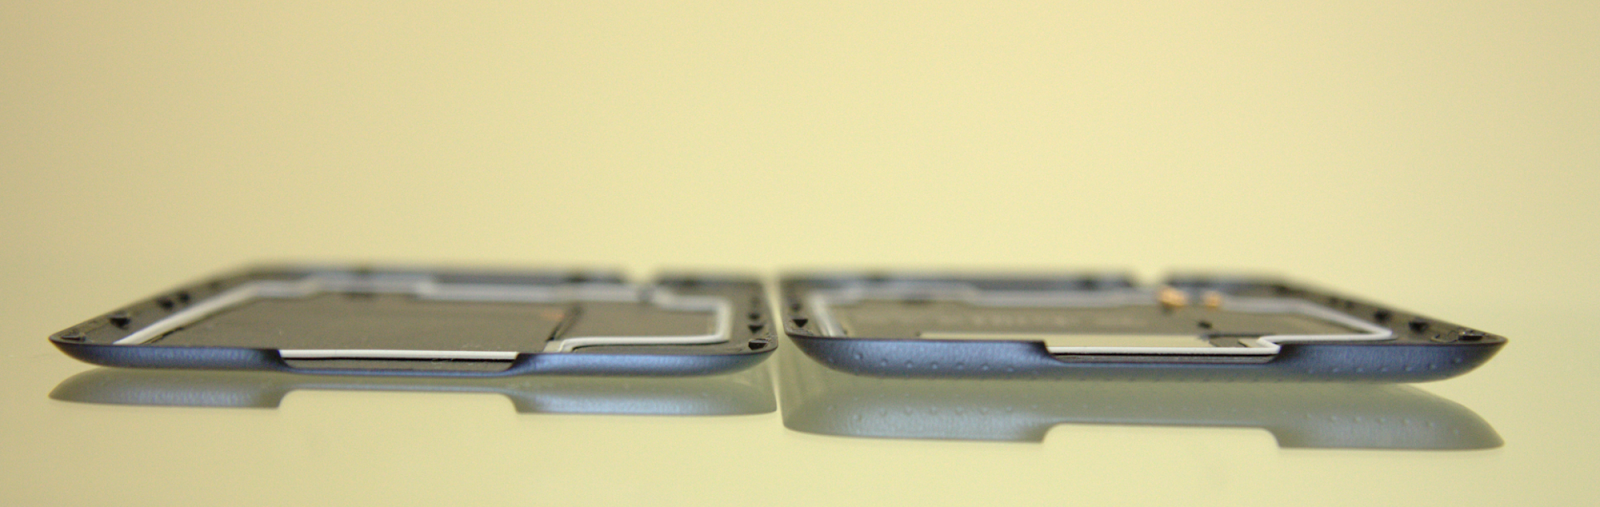 Po lewej standardowa klapka telefonu SGS 5. Po prawej klapka S Charging Cover.